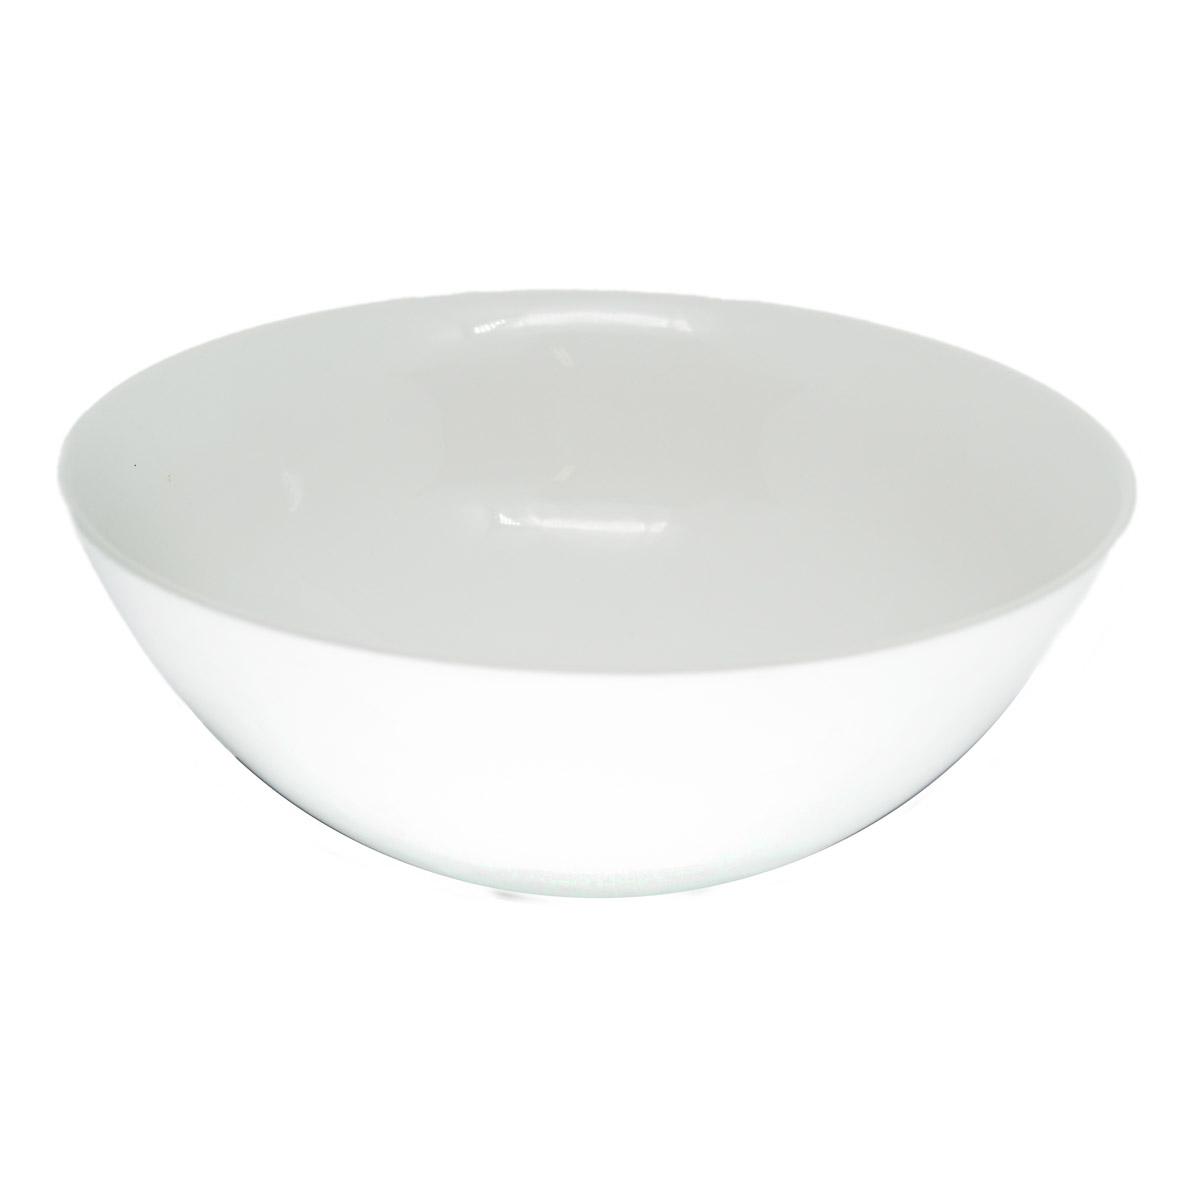 Travessa de Porcelana Redonda Bowl Fosca 29x12